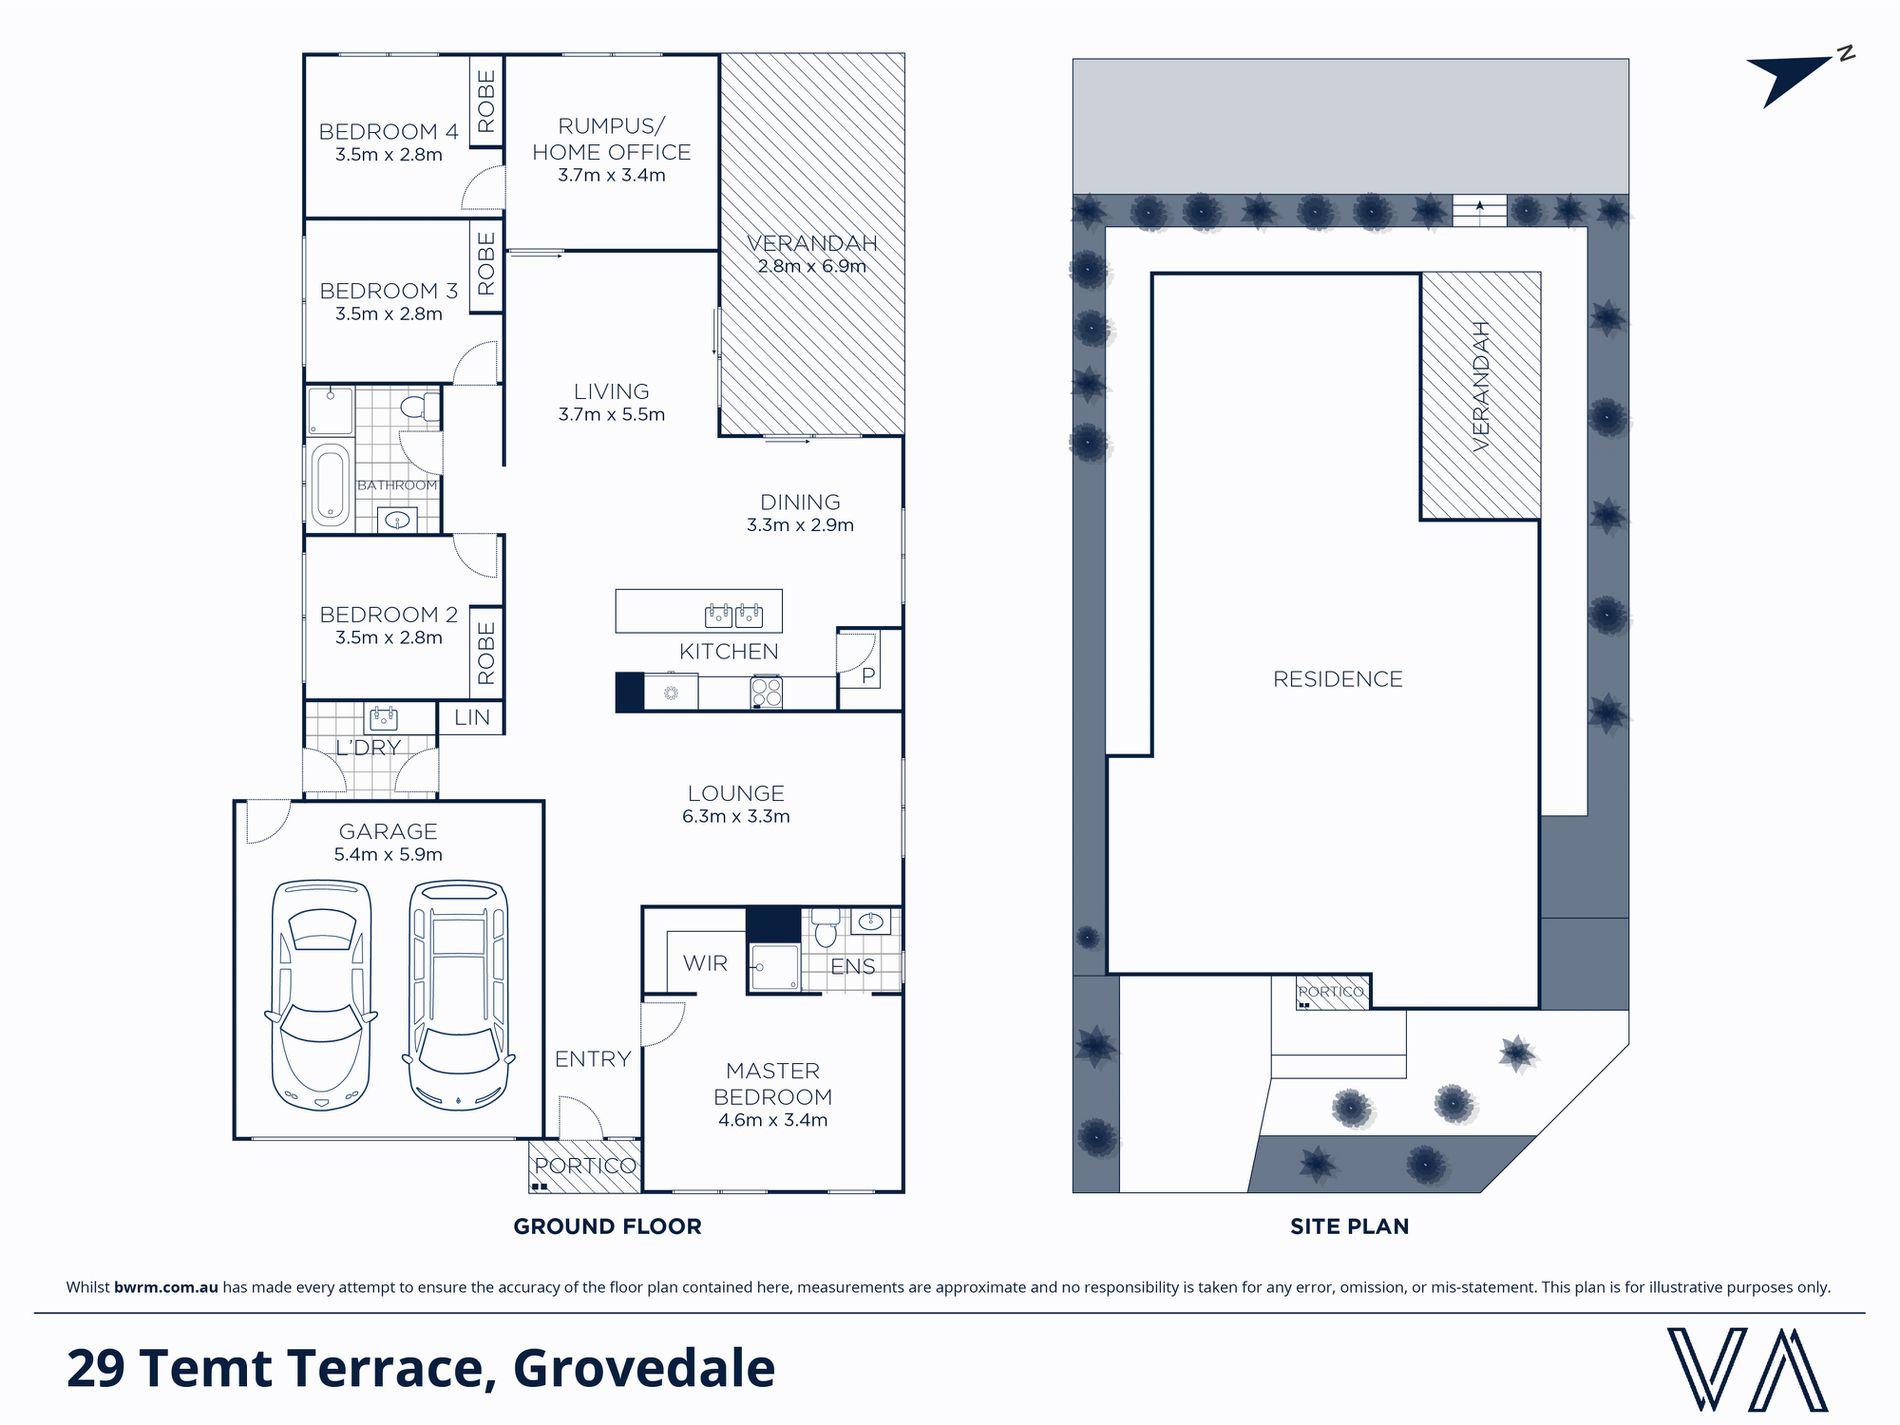 29 Temt Terrace, Grovedale